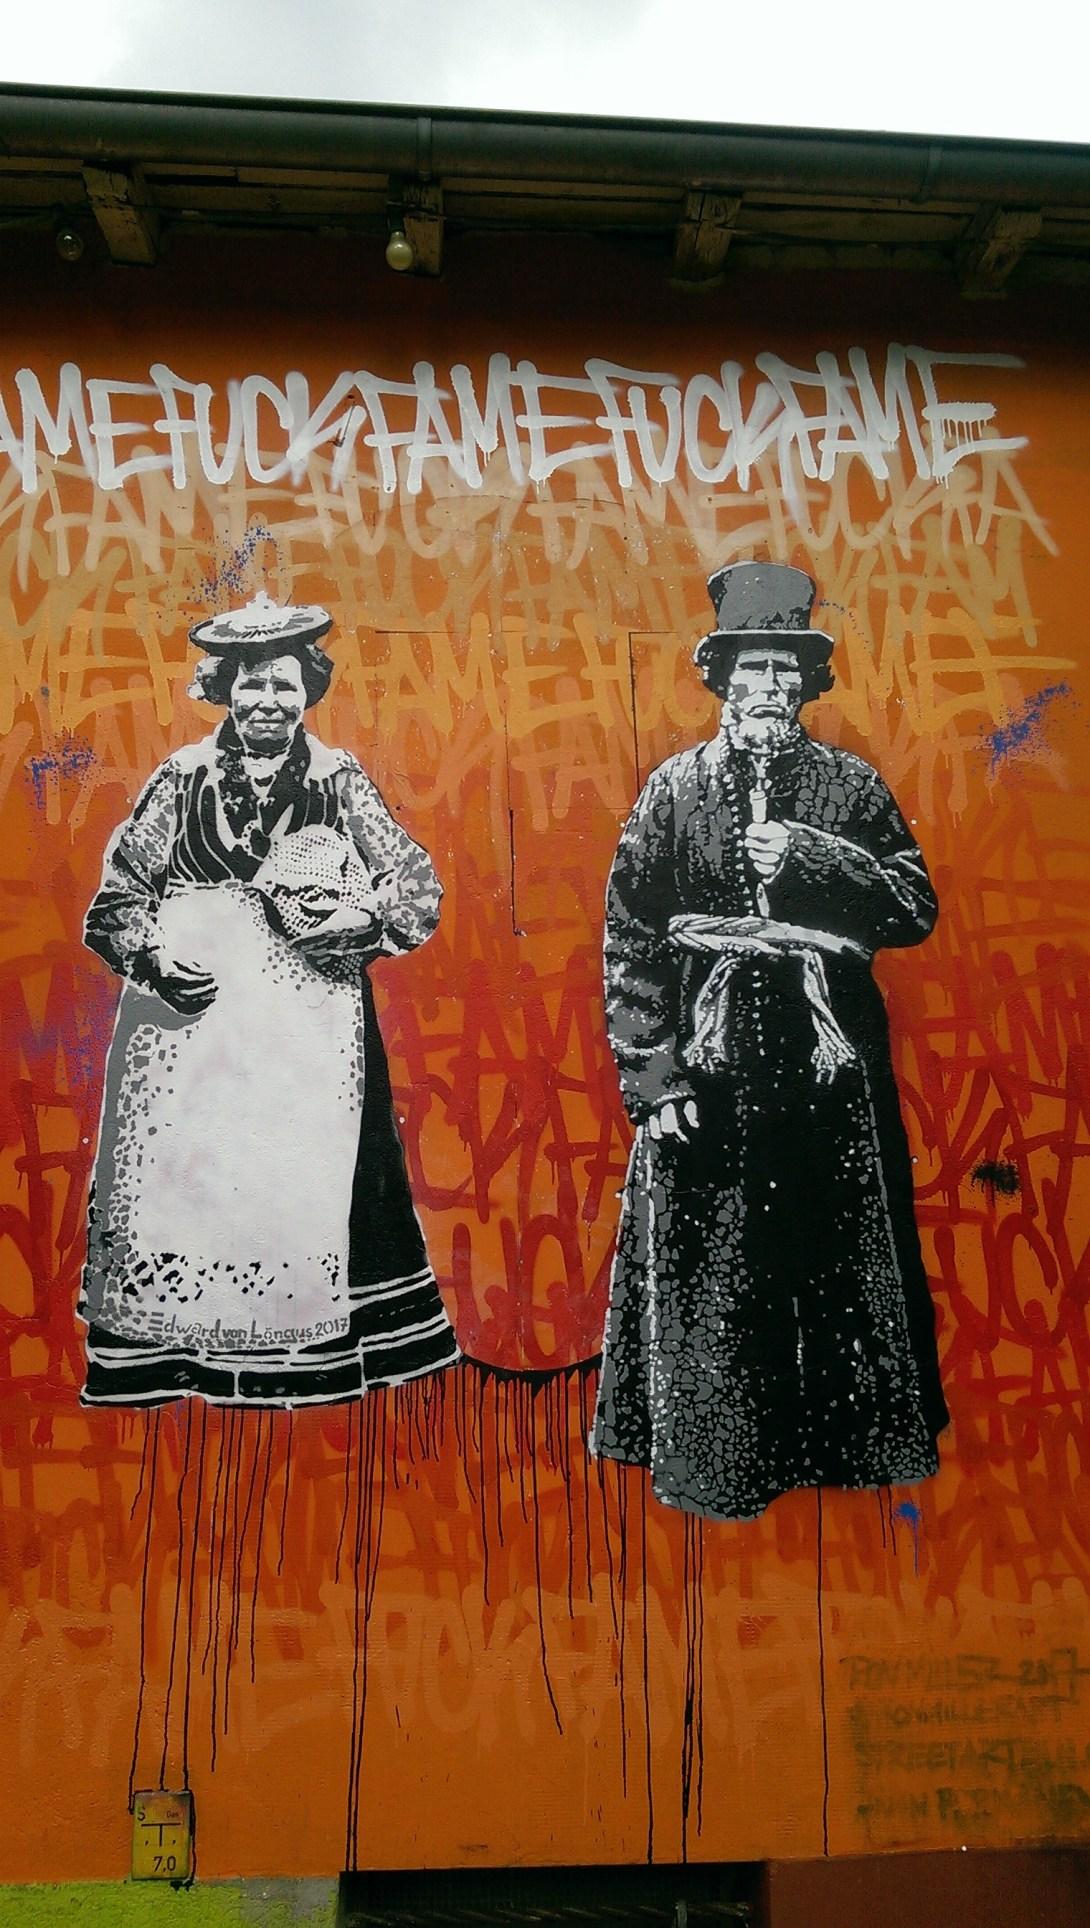 Street art Berlin Mauerpark be kitschig blog